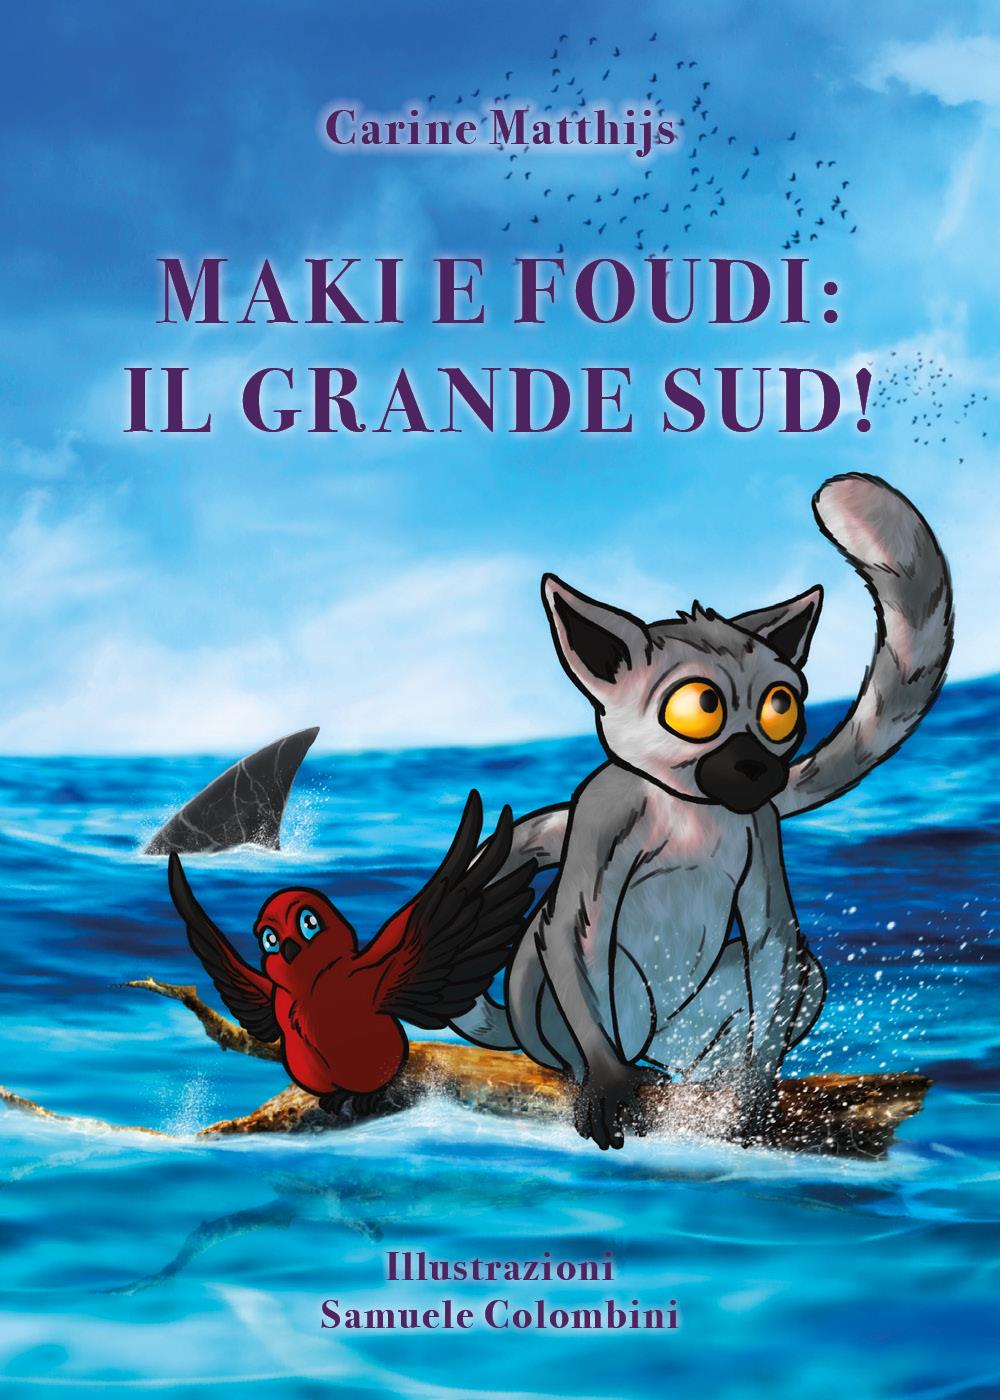 Maki e Foudi: il Grande Sud!